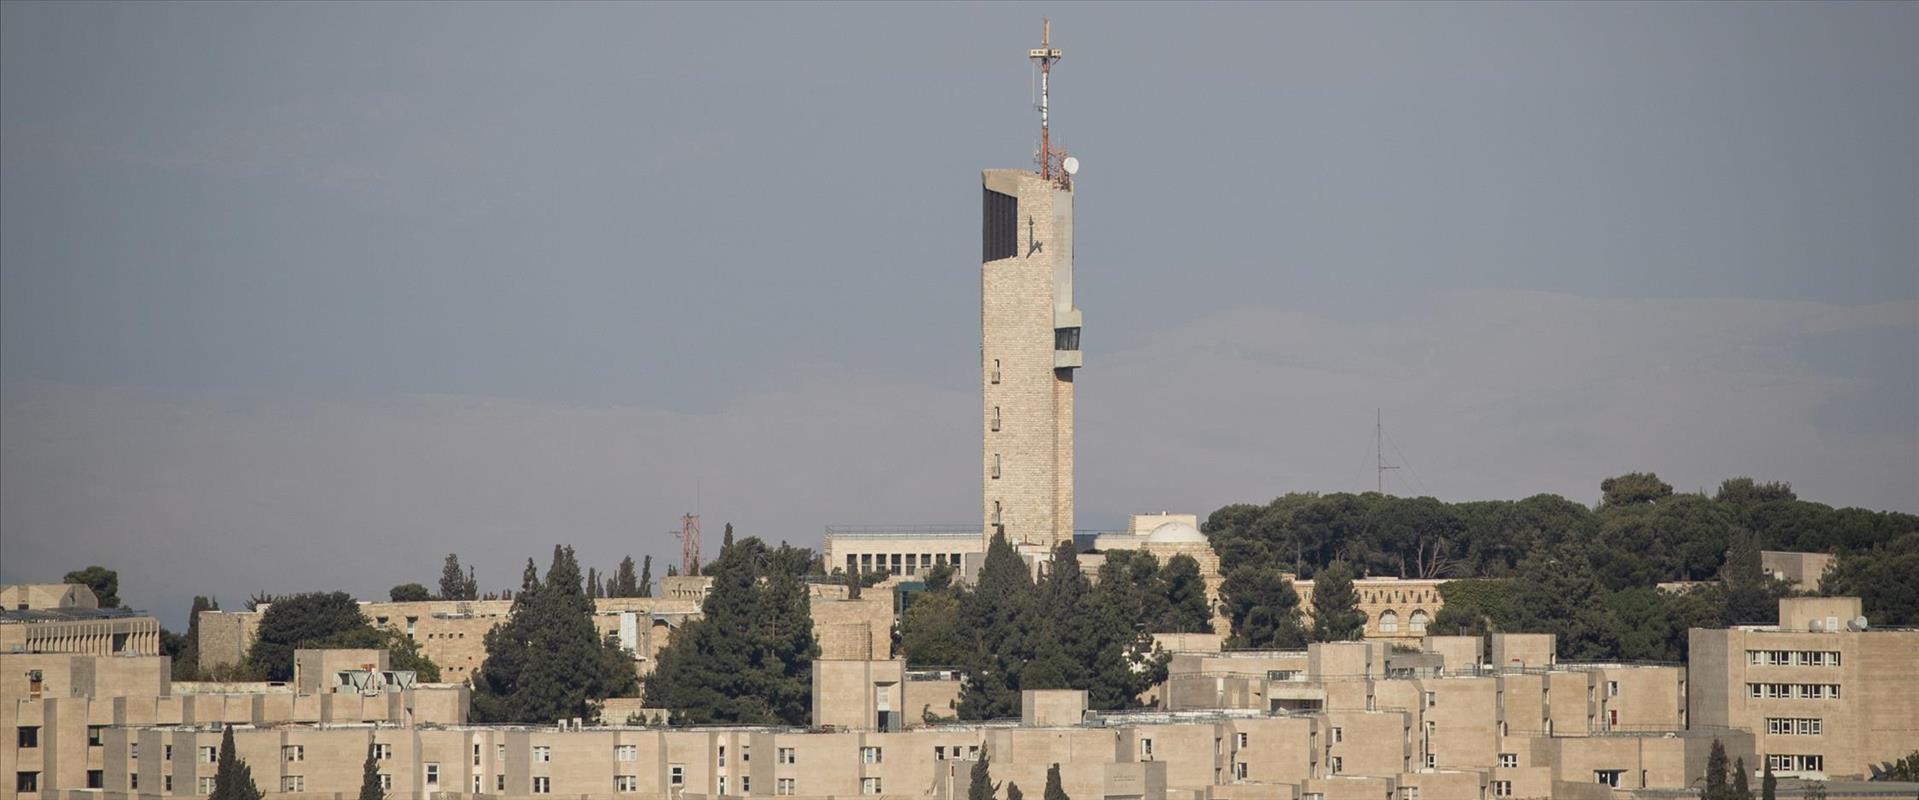 האוניברסיטה העברית בהר הצופים בירושלים